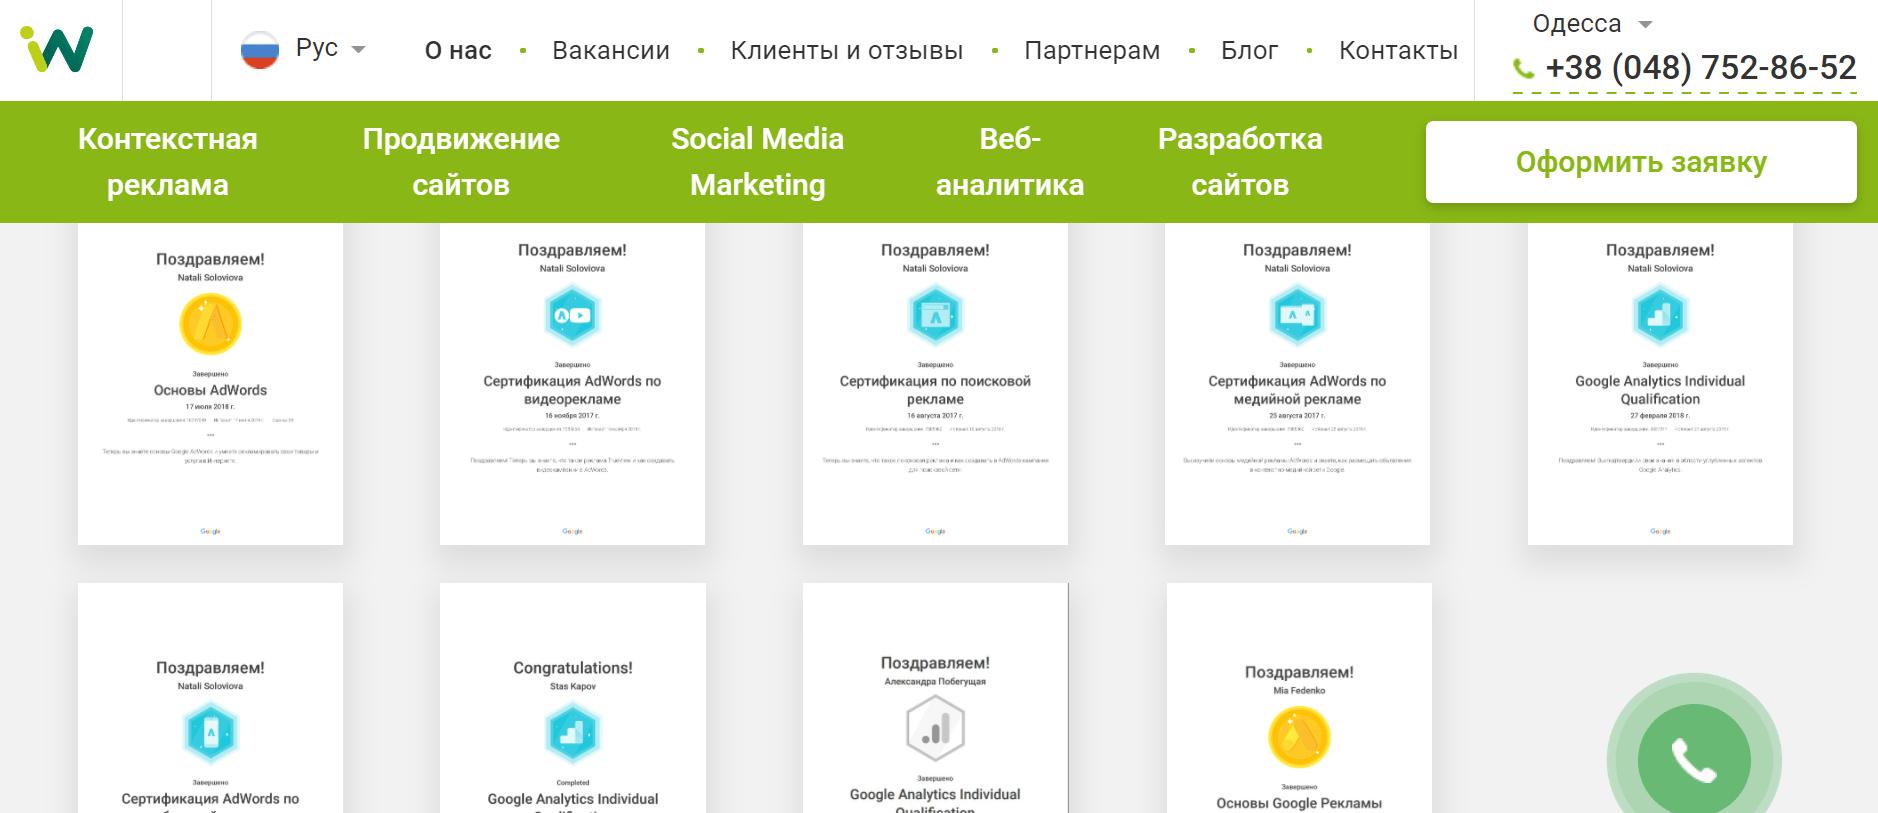 Inweb - обзор компании, услуги, отзывы, клиенты | Google SEO, Фото № 4 - google-seo.pro